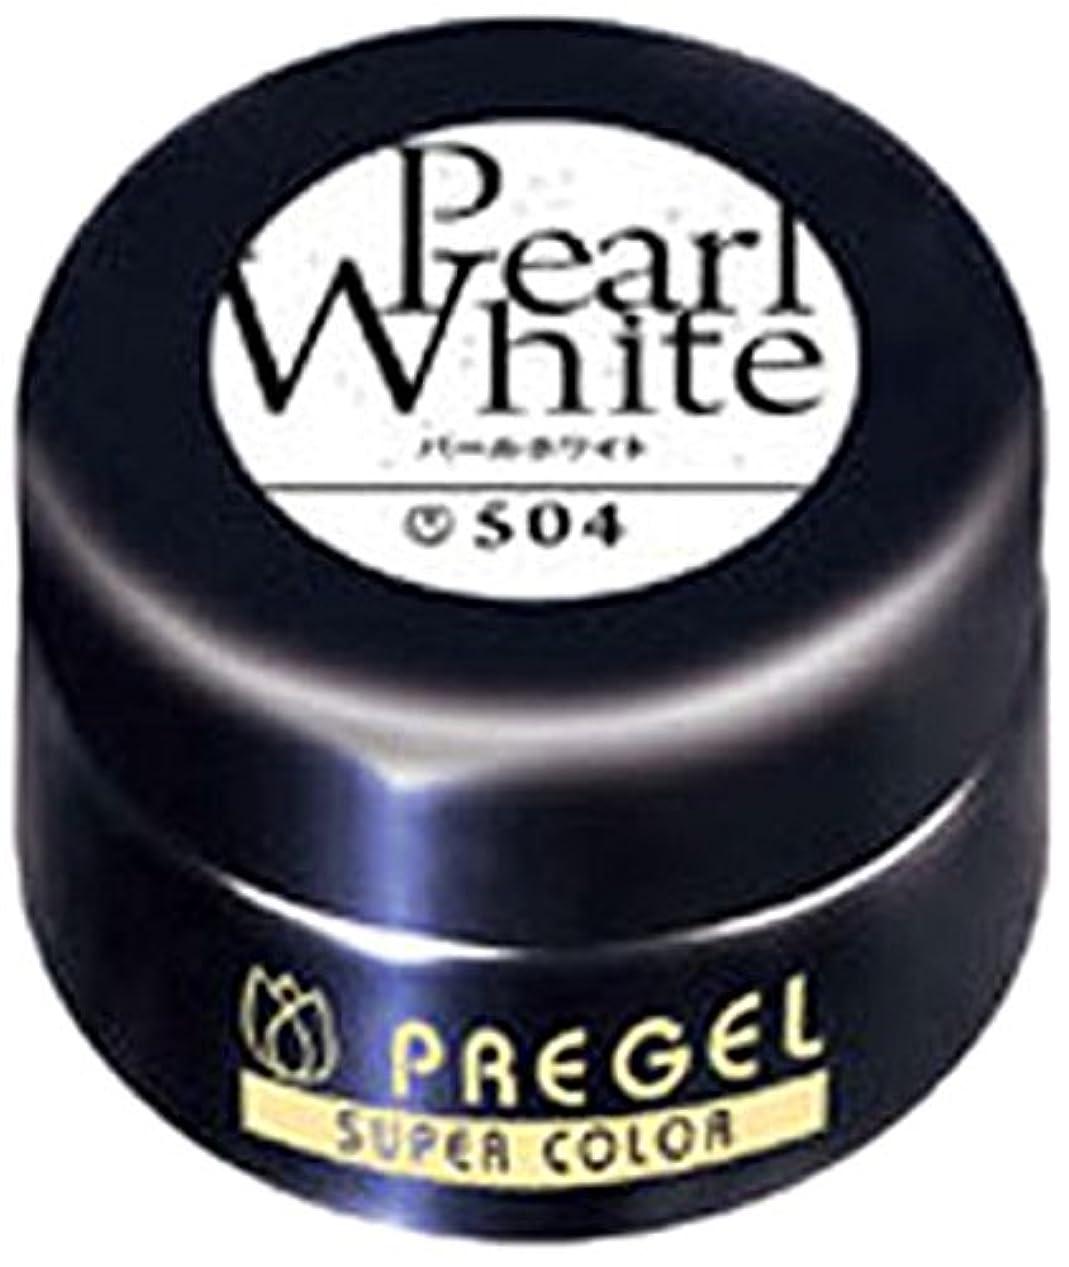 行く鯨読み書きのできないプリジェル スーパーカラーEX パールホワイト 4g PG-SE504 カラージェル UV/LED対応